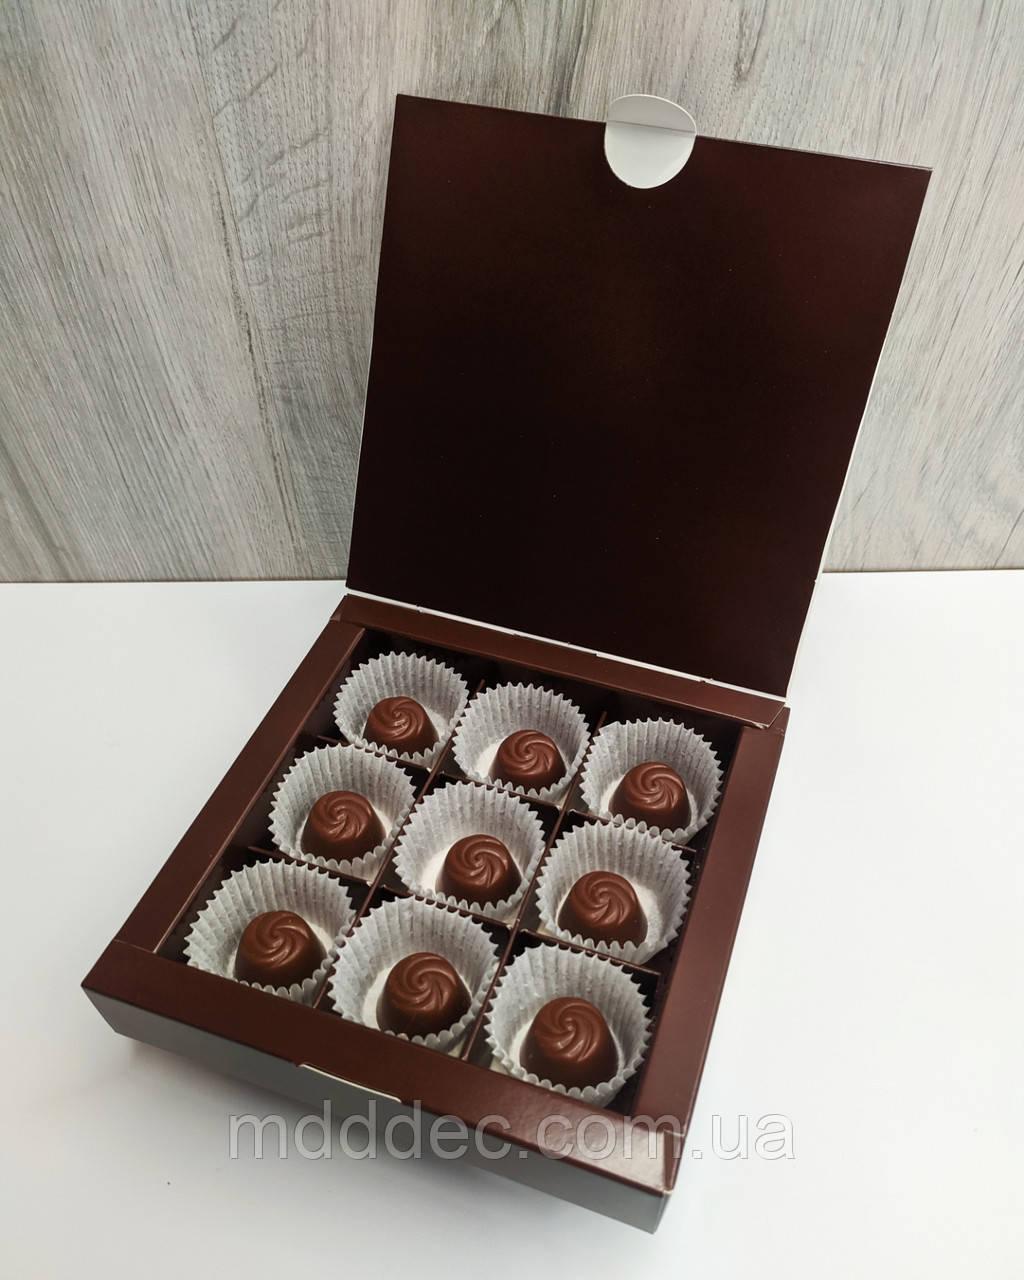 Коробка для конфет 9 шт Коричневая